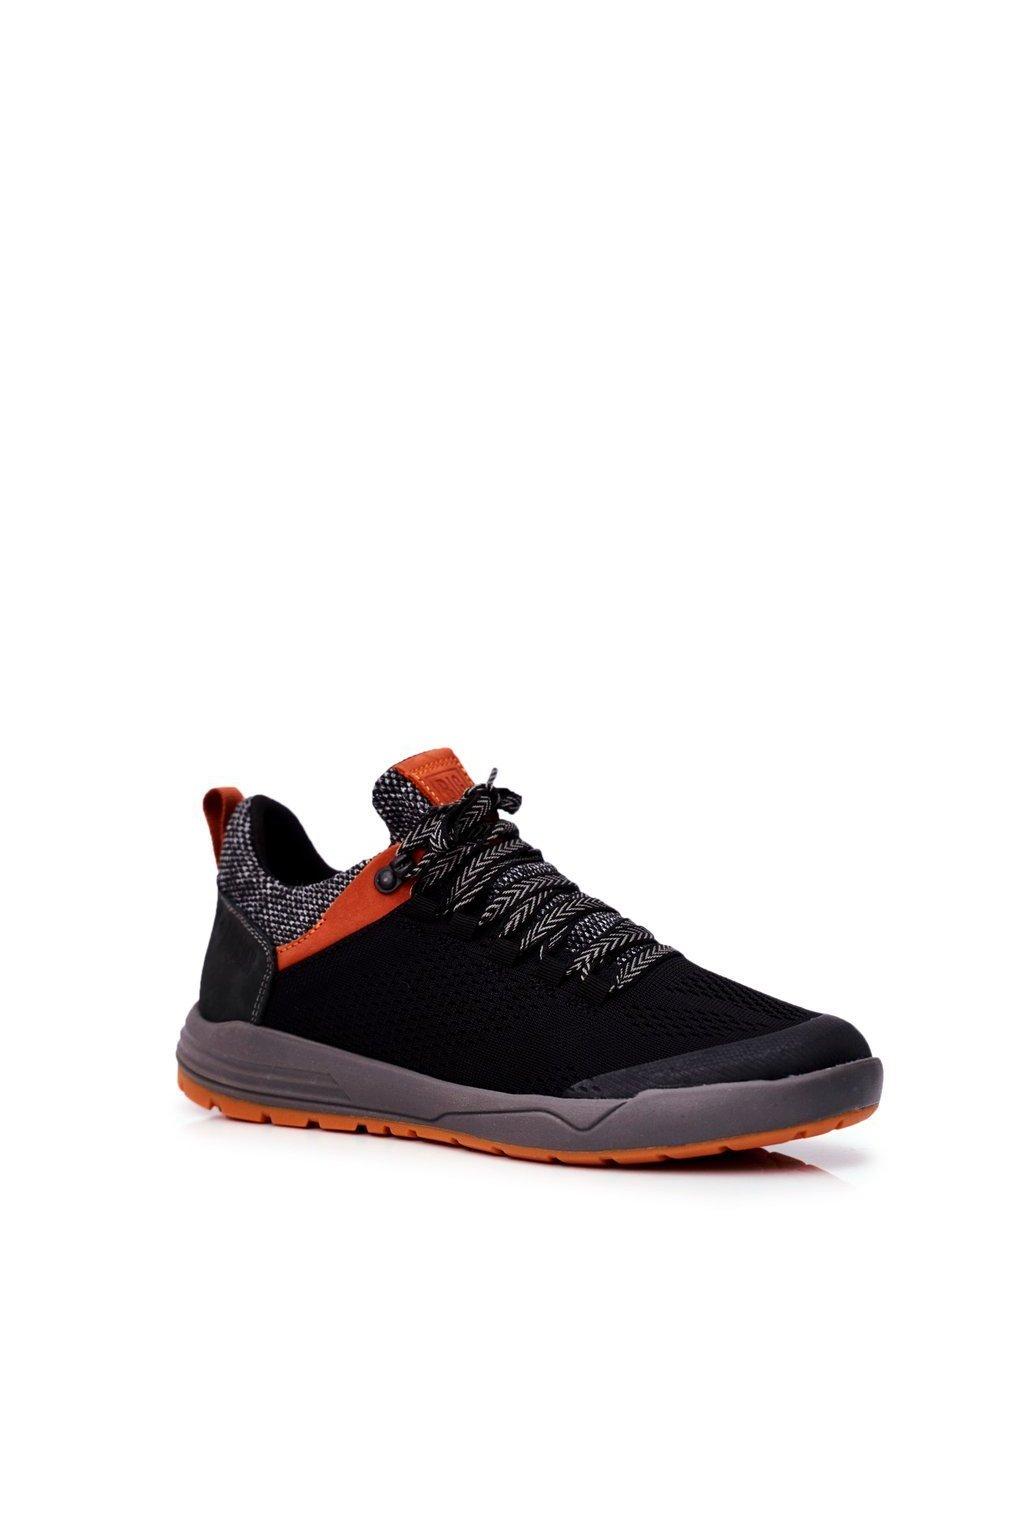 Čierna obuv kód topánok FF174279 BLK